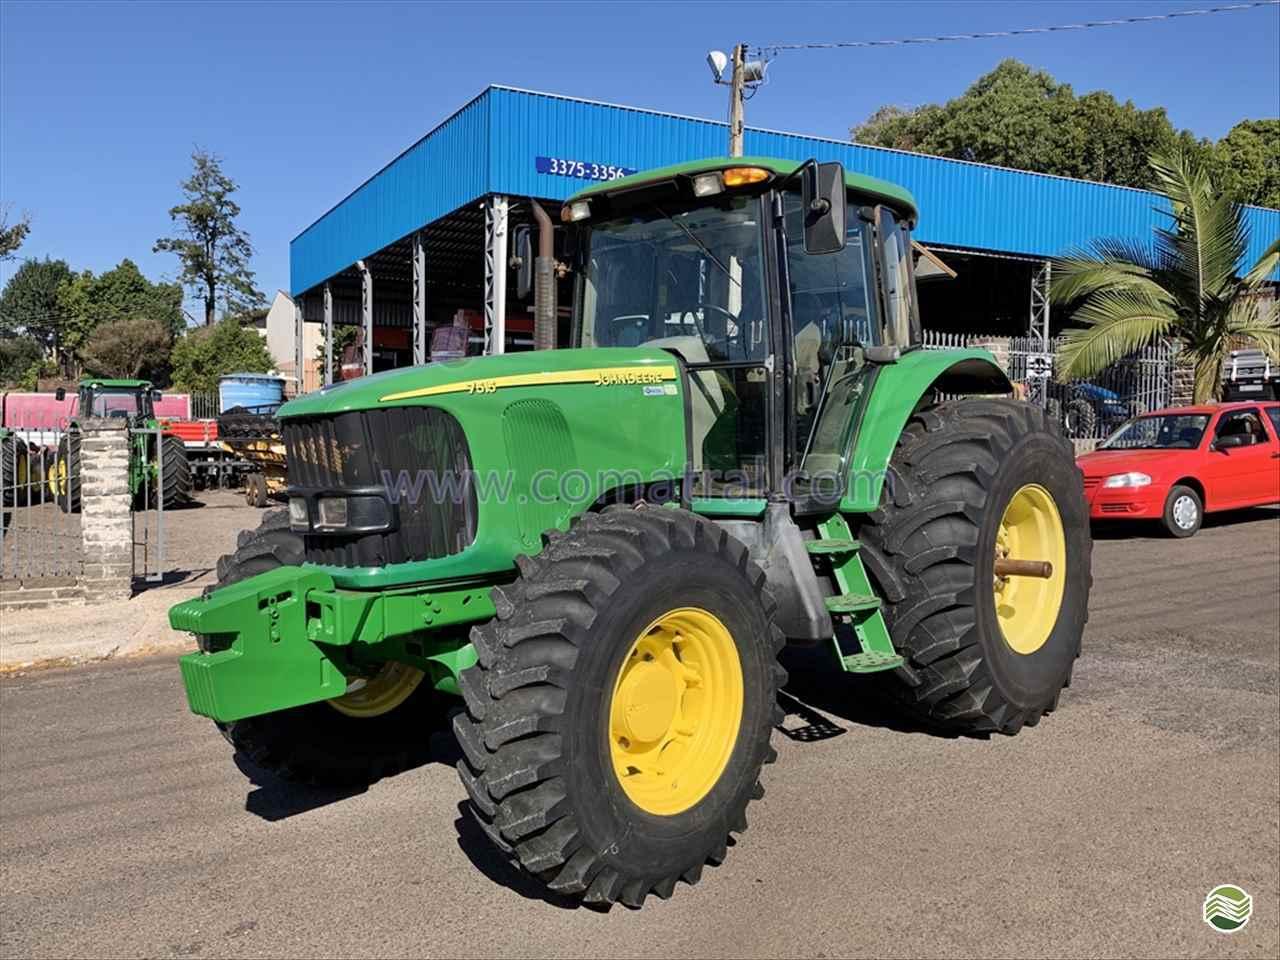 TRATOR JOHN DEERE JOHN DEERE 7515 Tração 4x4 Comatral Caminhões e Máquinas Agrícolas PANAMBI RIO GRANDE DO SUL RS